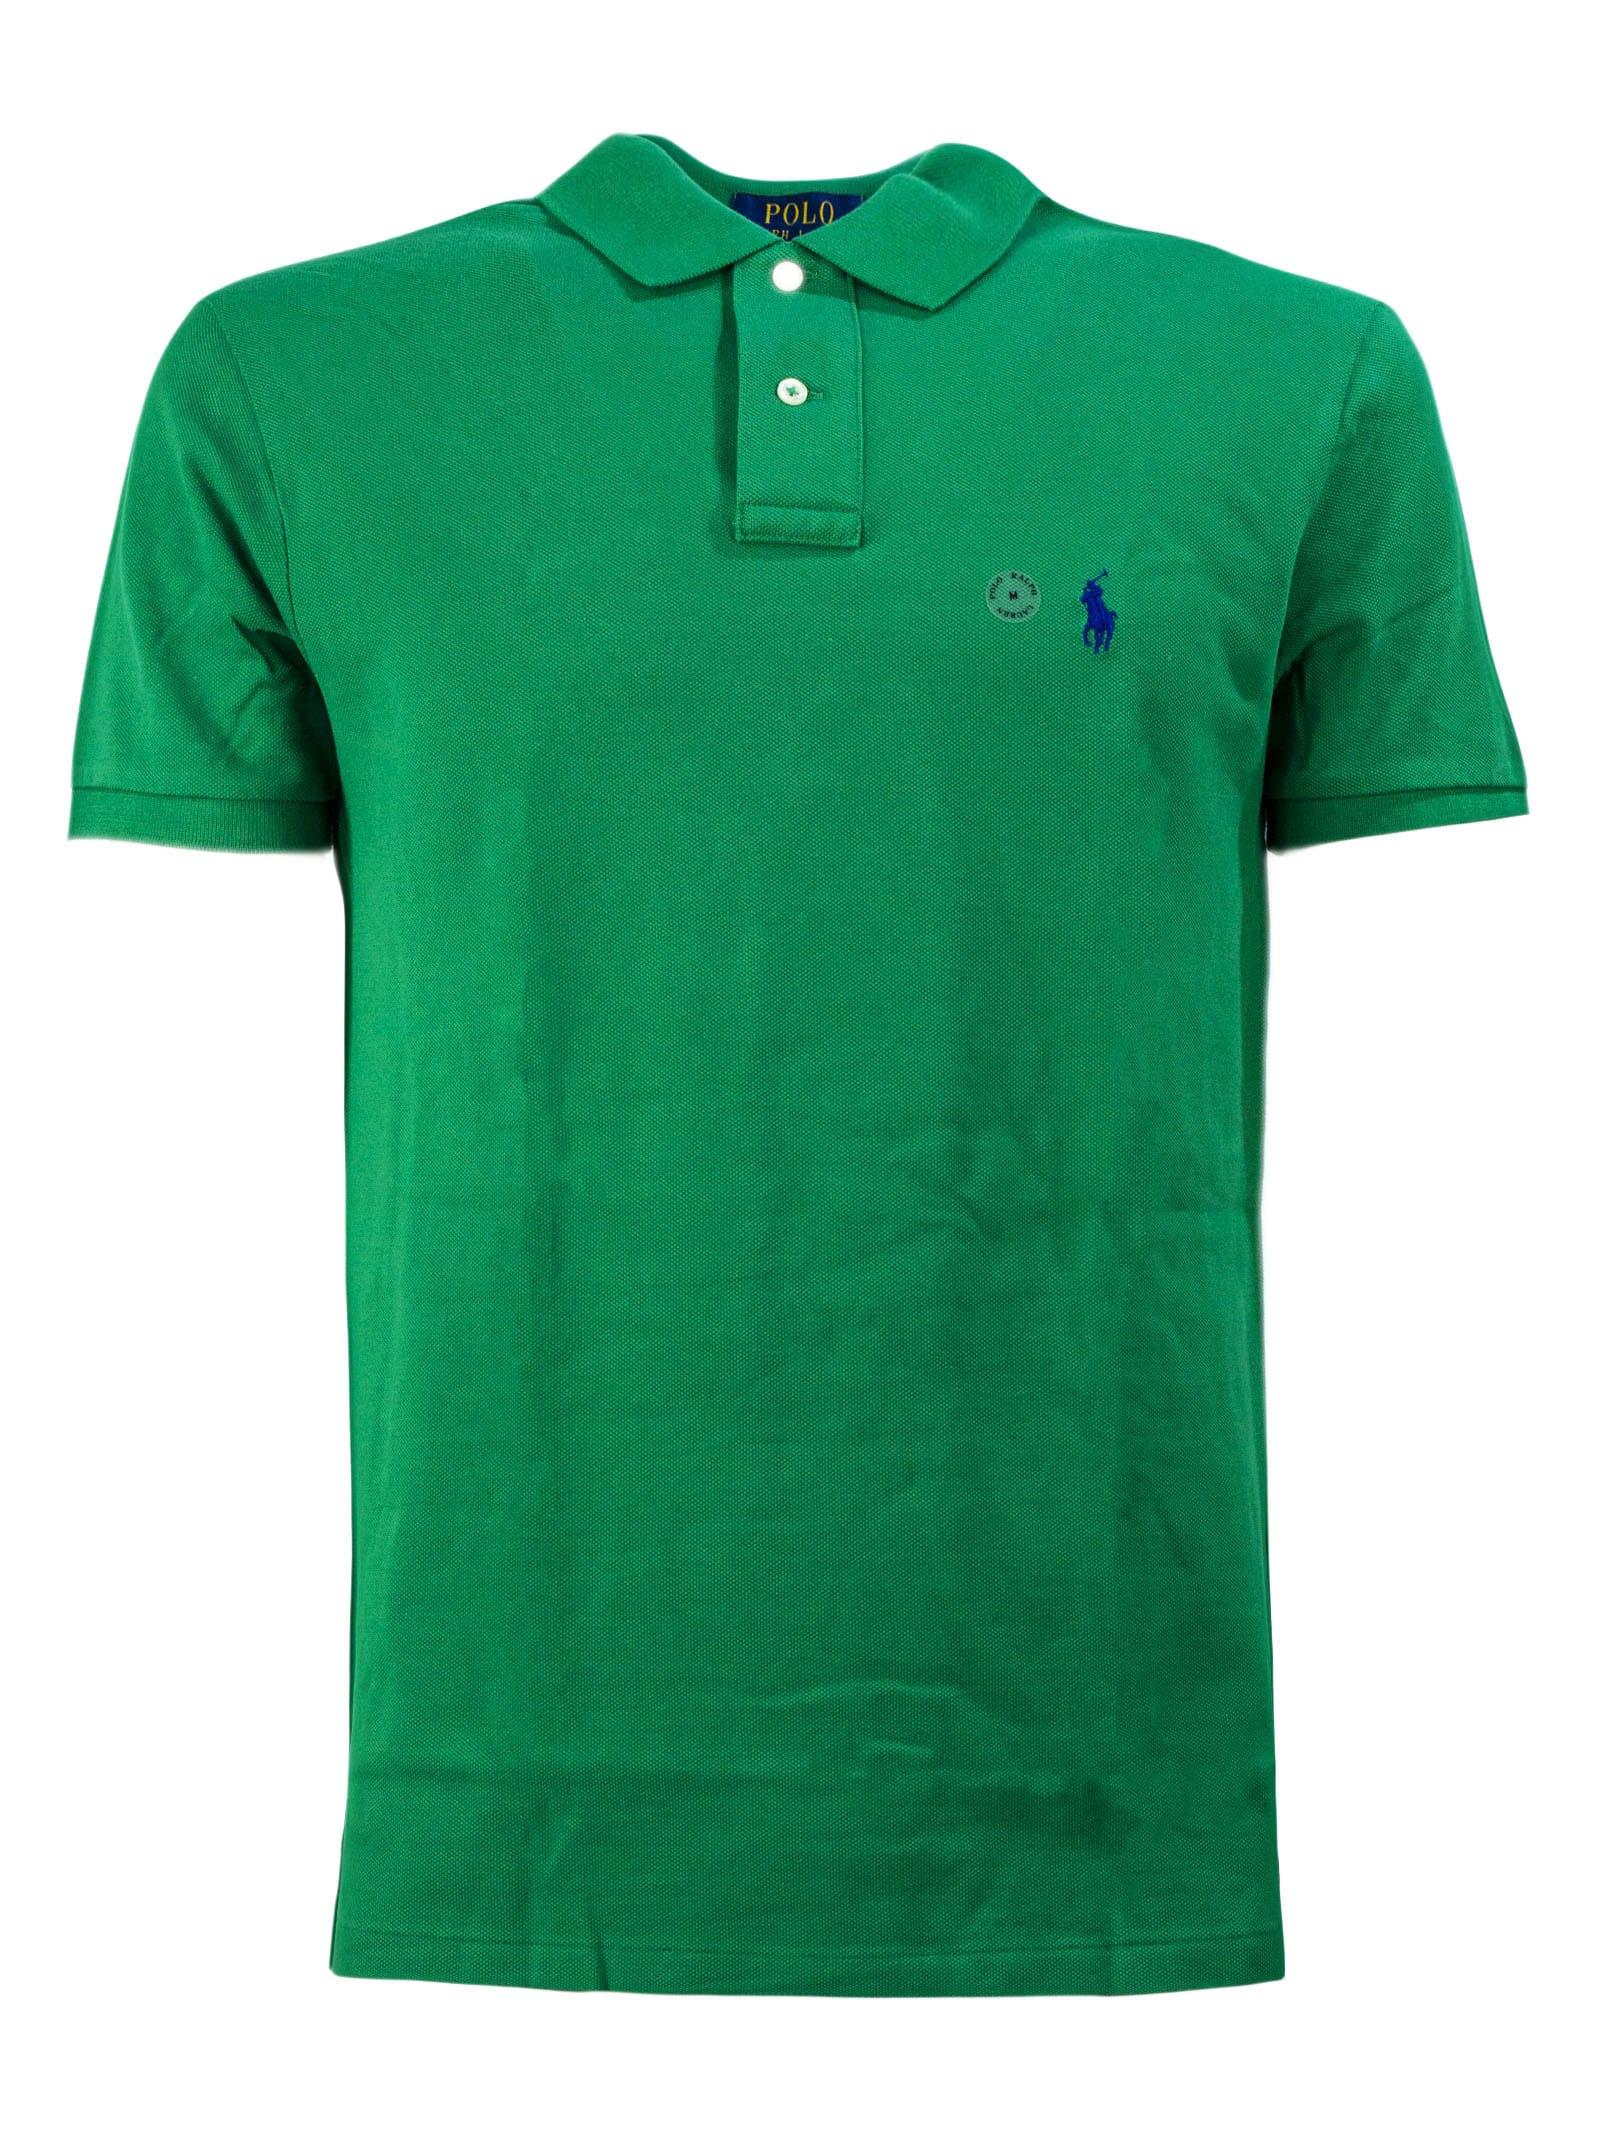 Ralph Lauren Green Cotton Polo Shirt